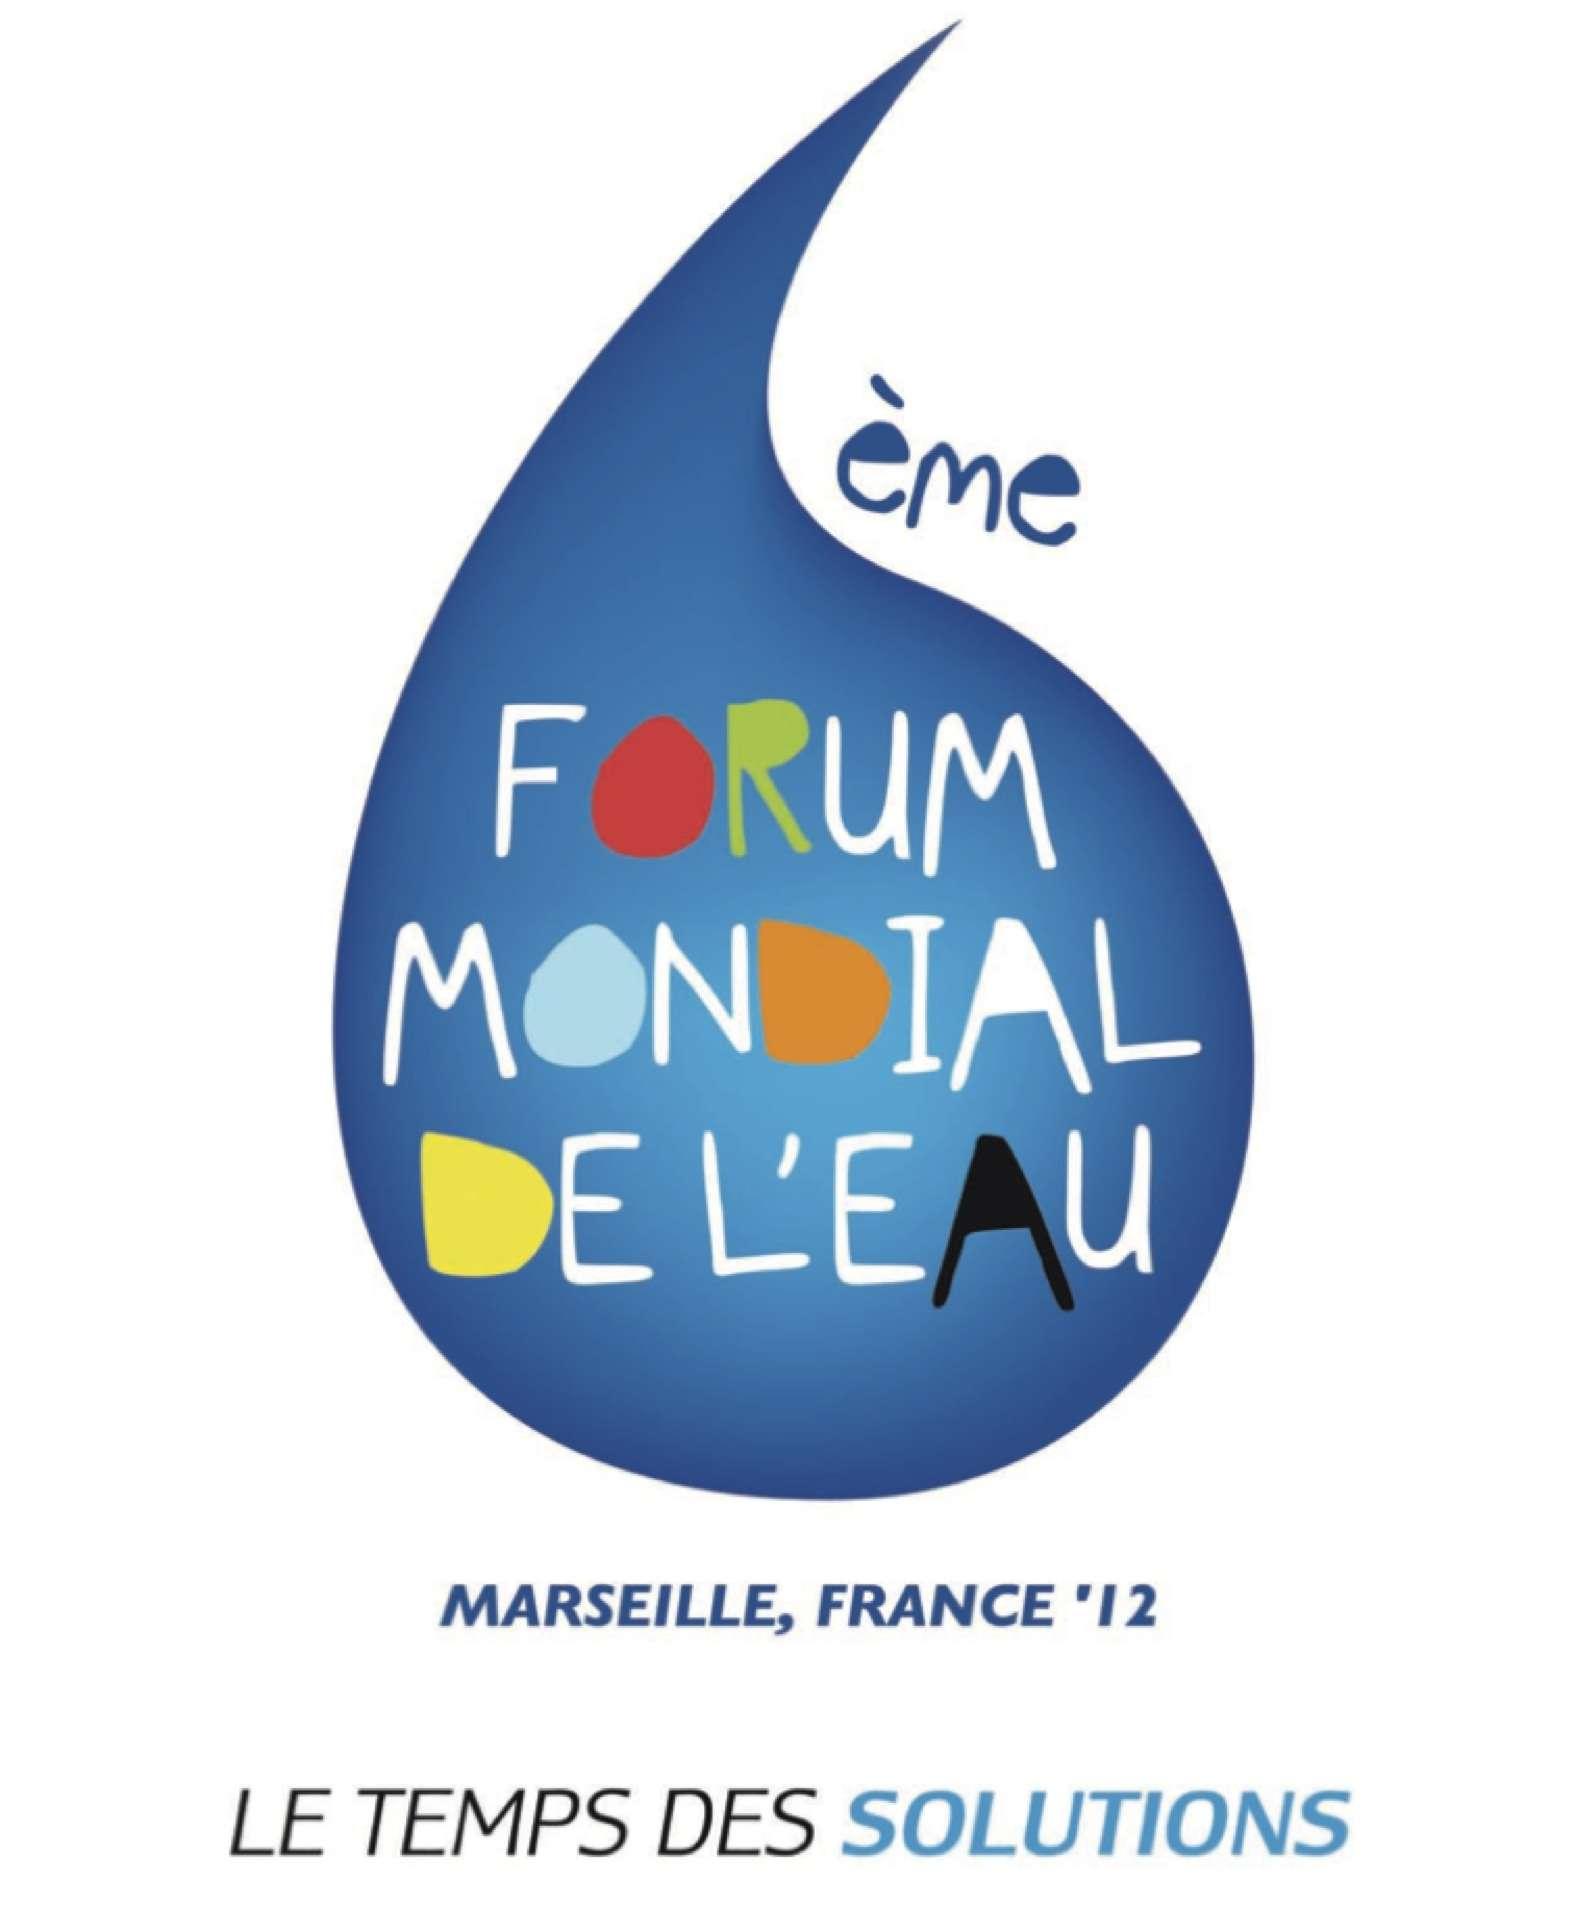 Cent-vingt délégations ministérielles sont présentes à Marseille pour le Forum mondial de l'eau. © DR